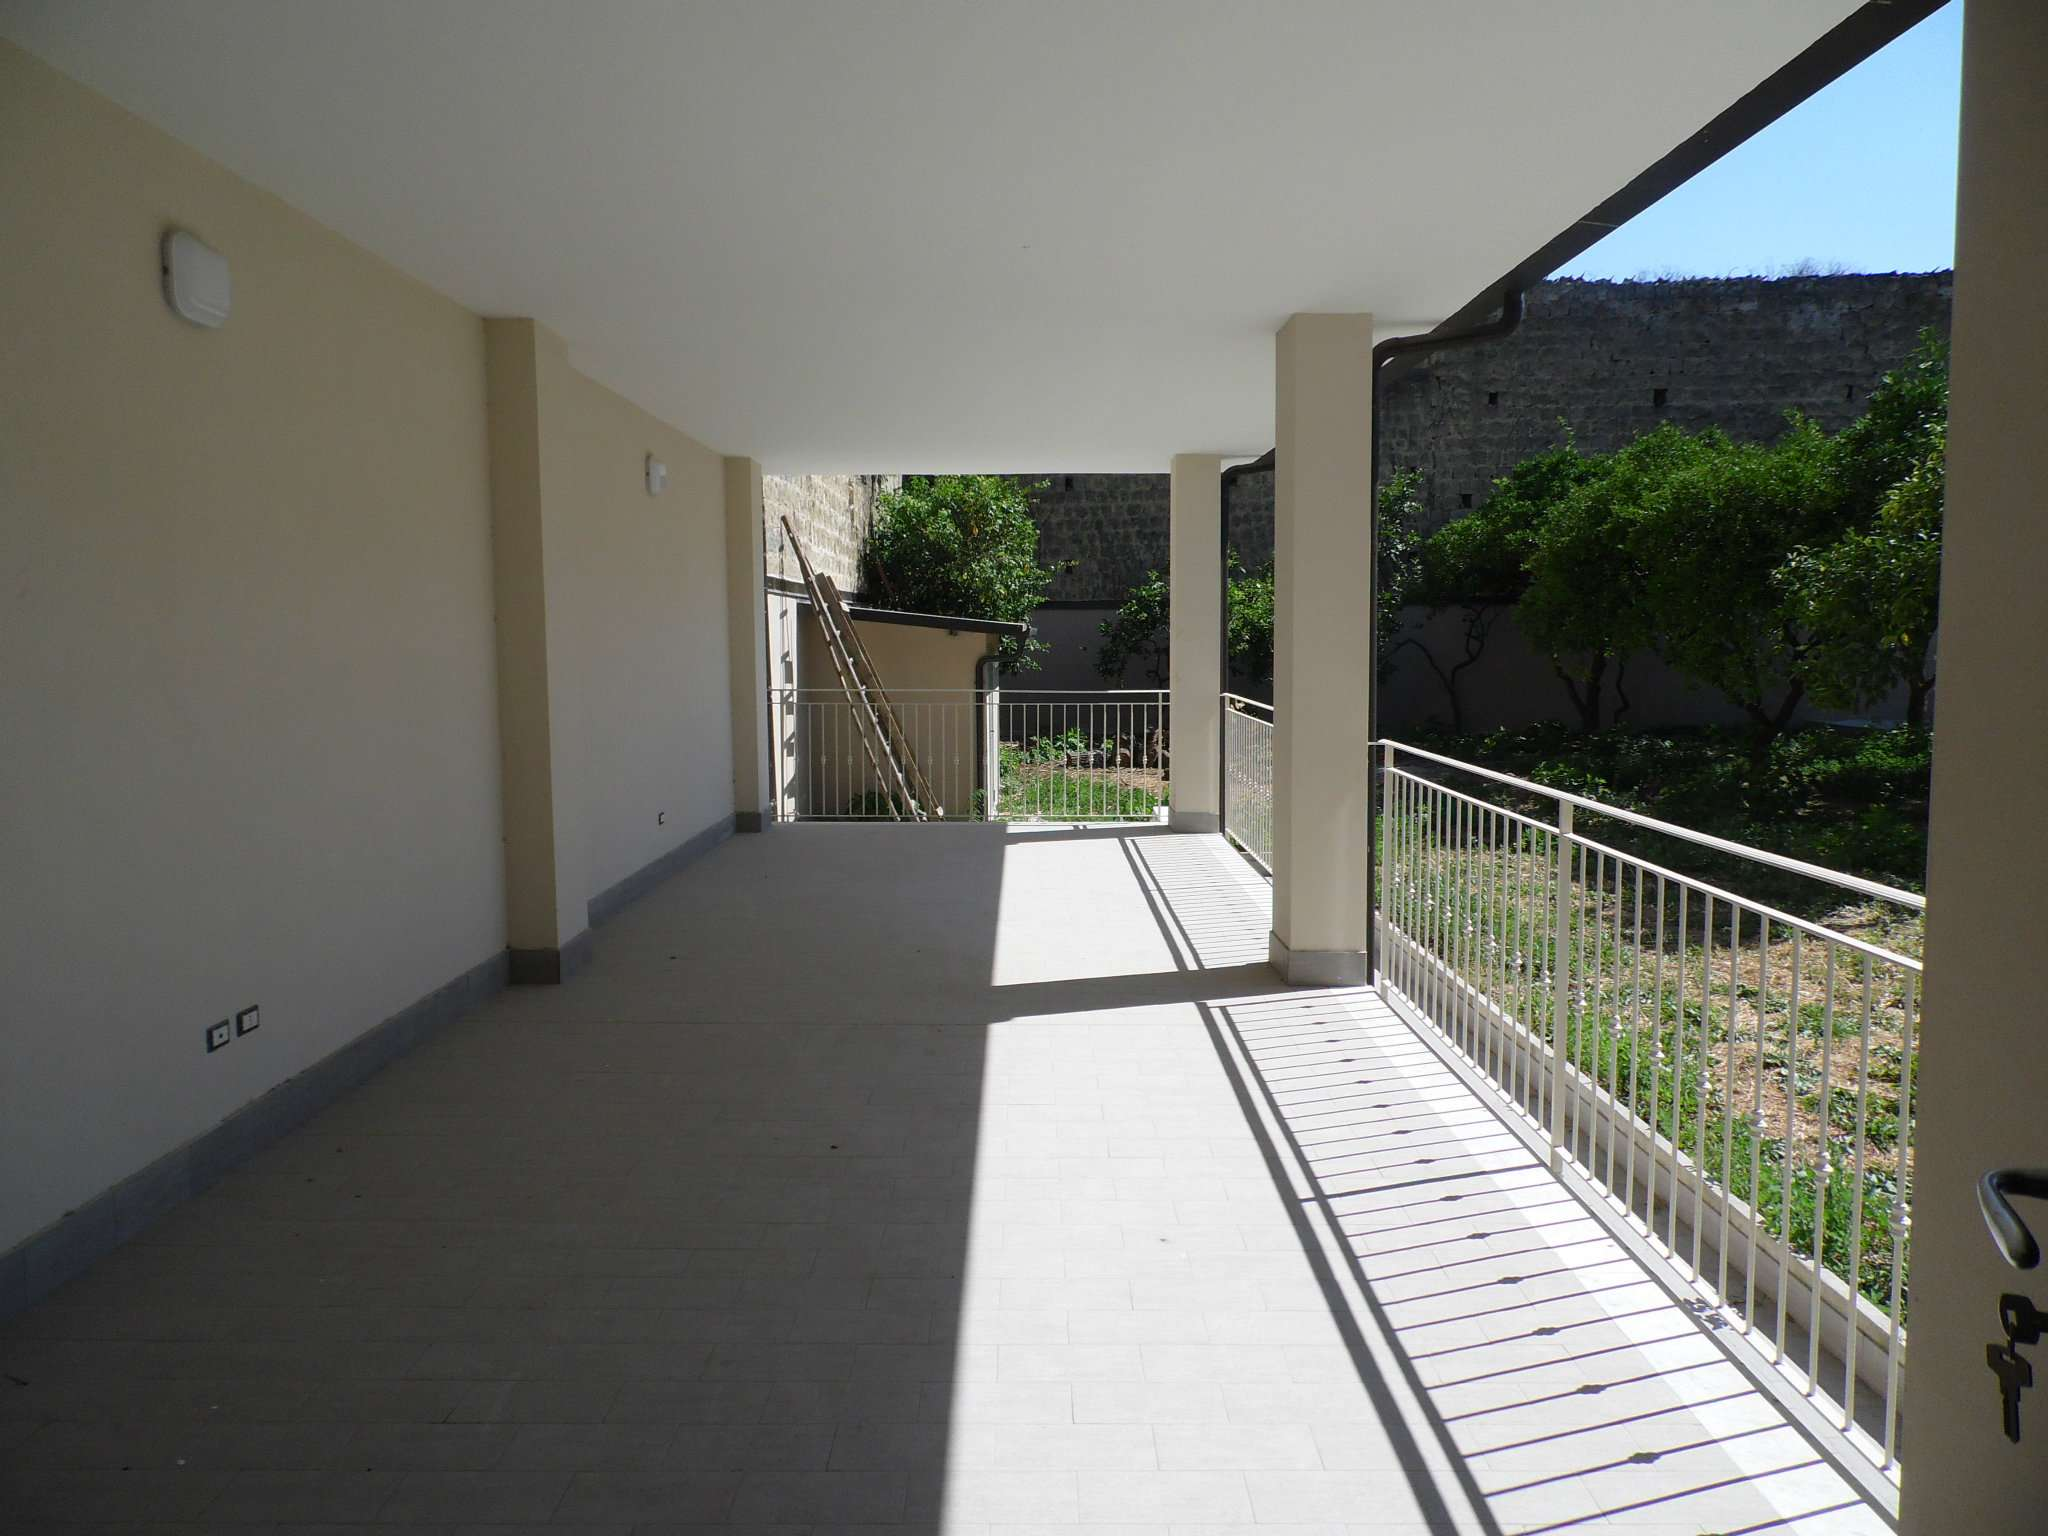 Appartamento in vendita a Marcianise, 3 locali, prezzo € 168.000 | PortaleAgenzieImmobiliari.it